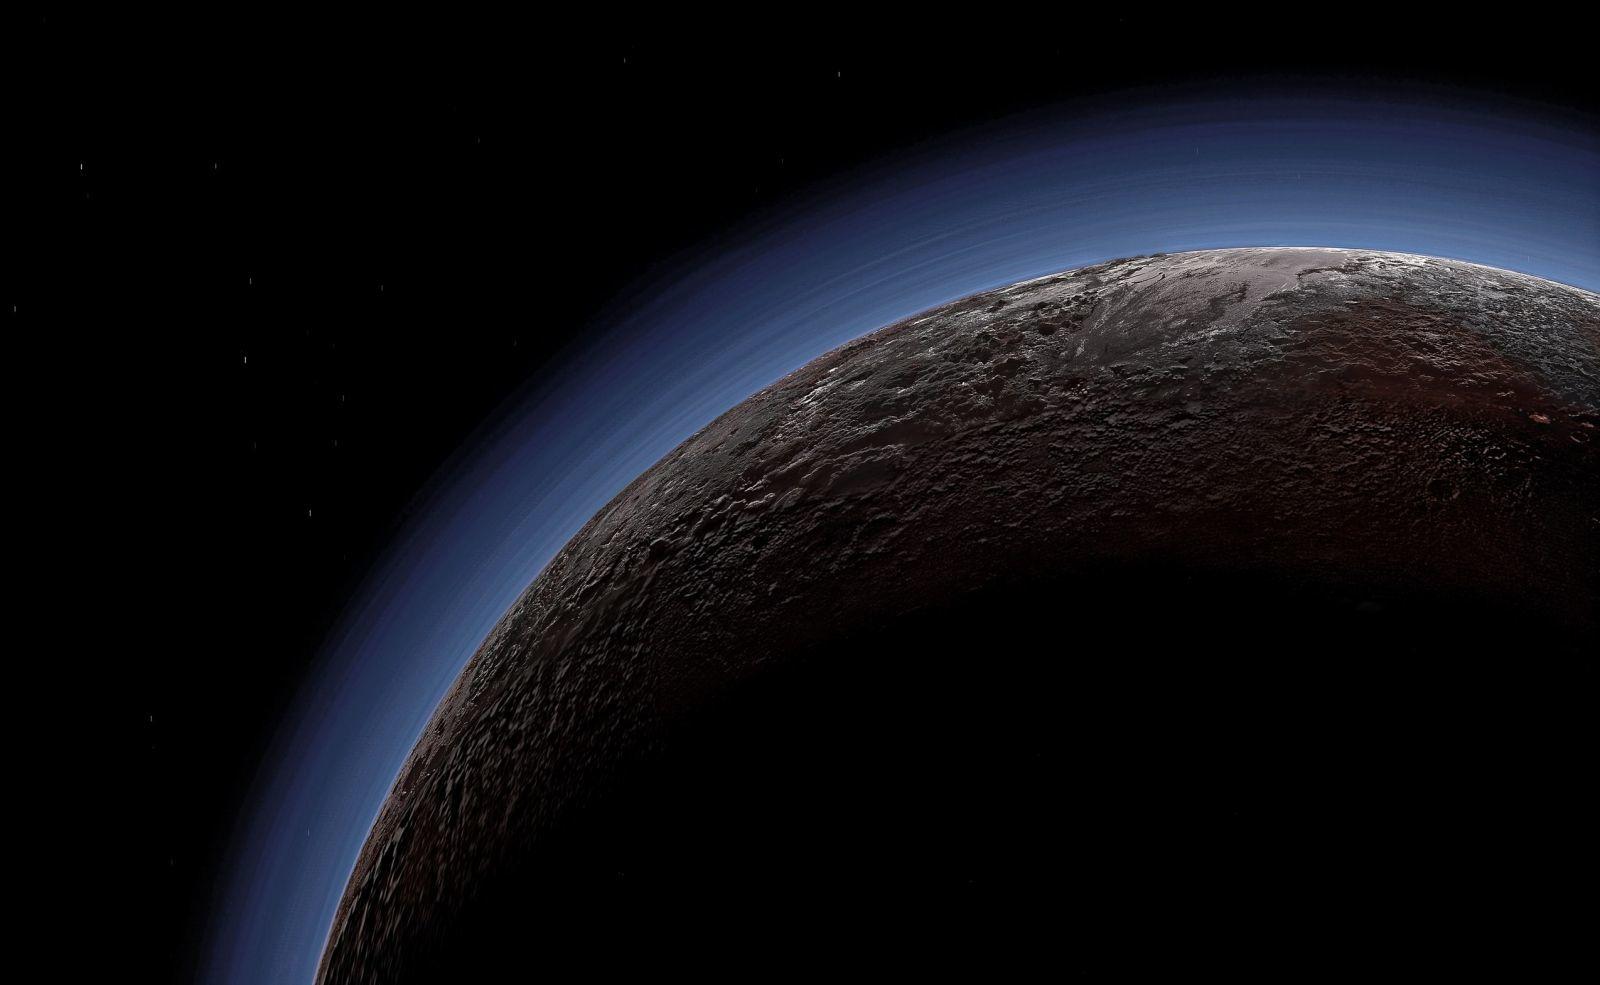 Астрономы установили, что атмосфера Плутона постепенно исчезает